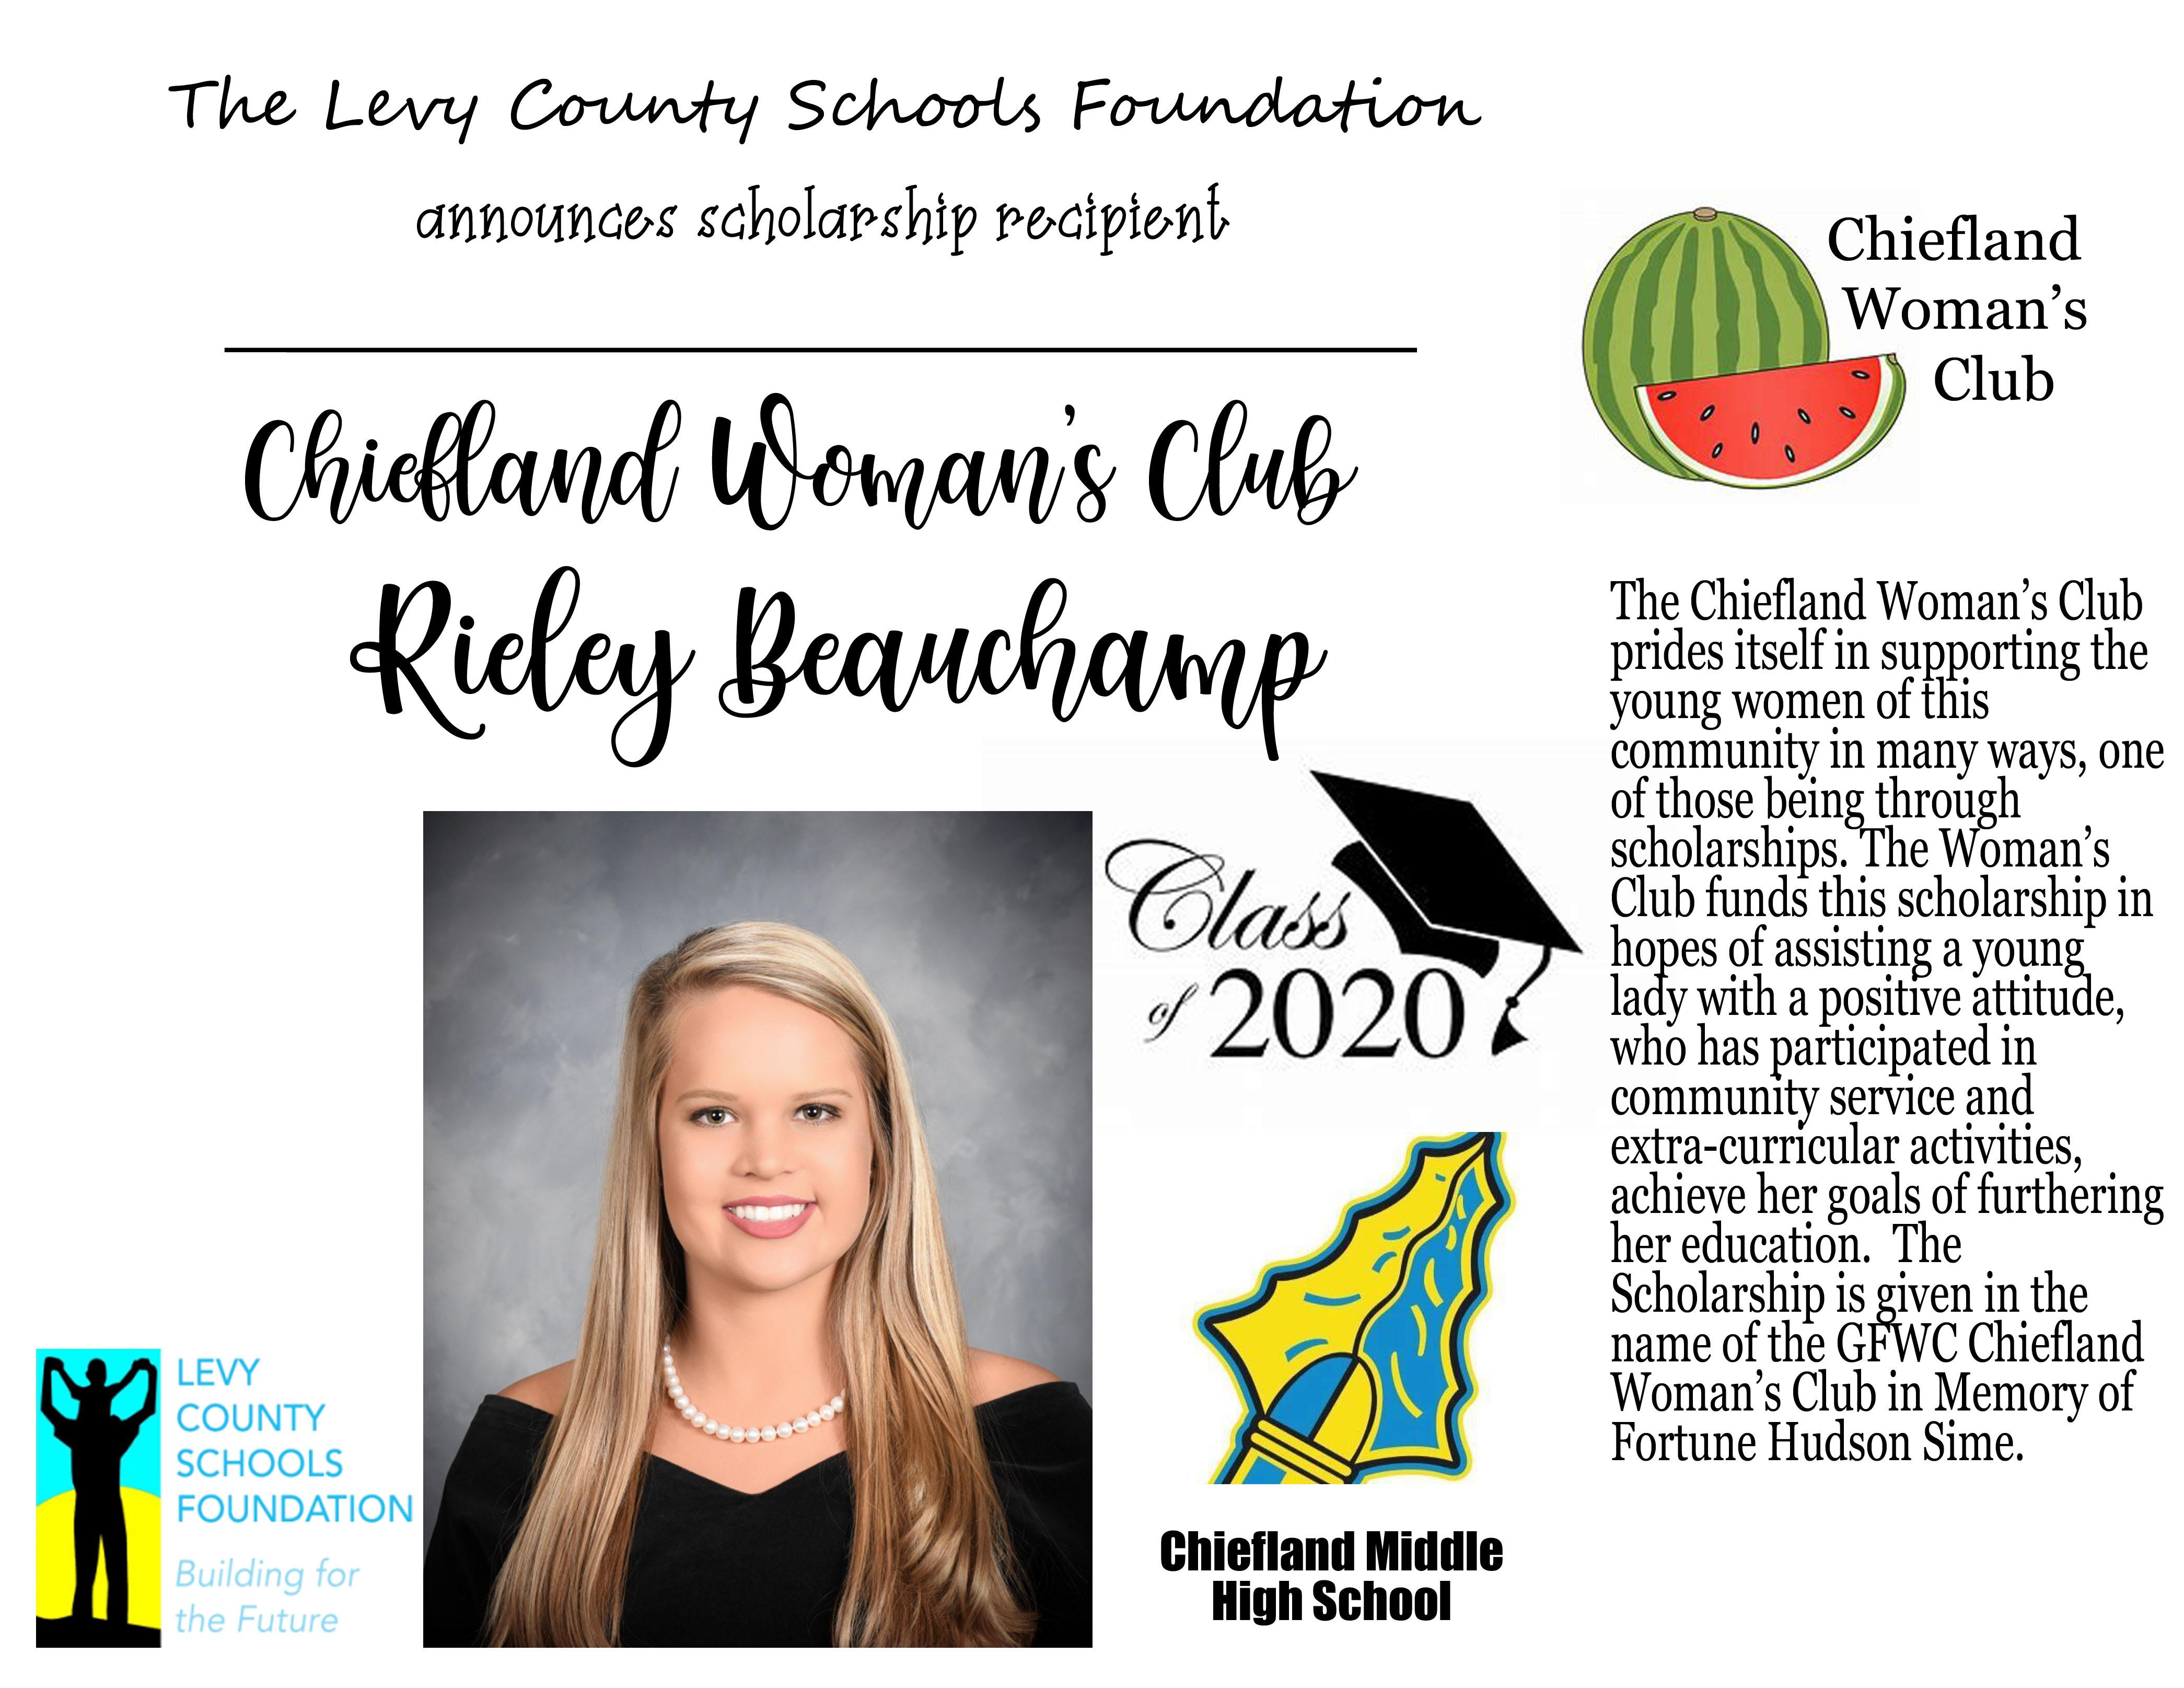 ChieflandWomansClub.jpg